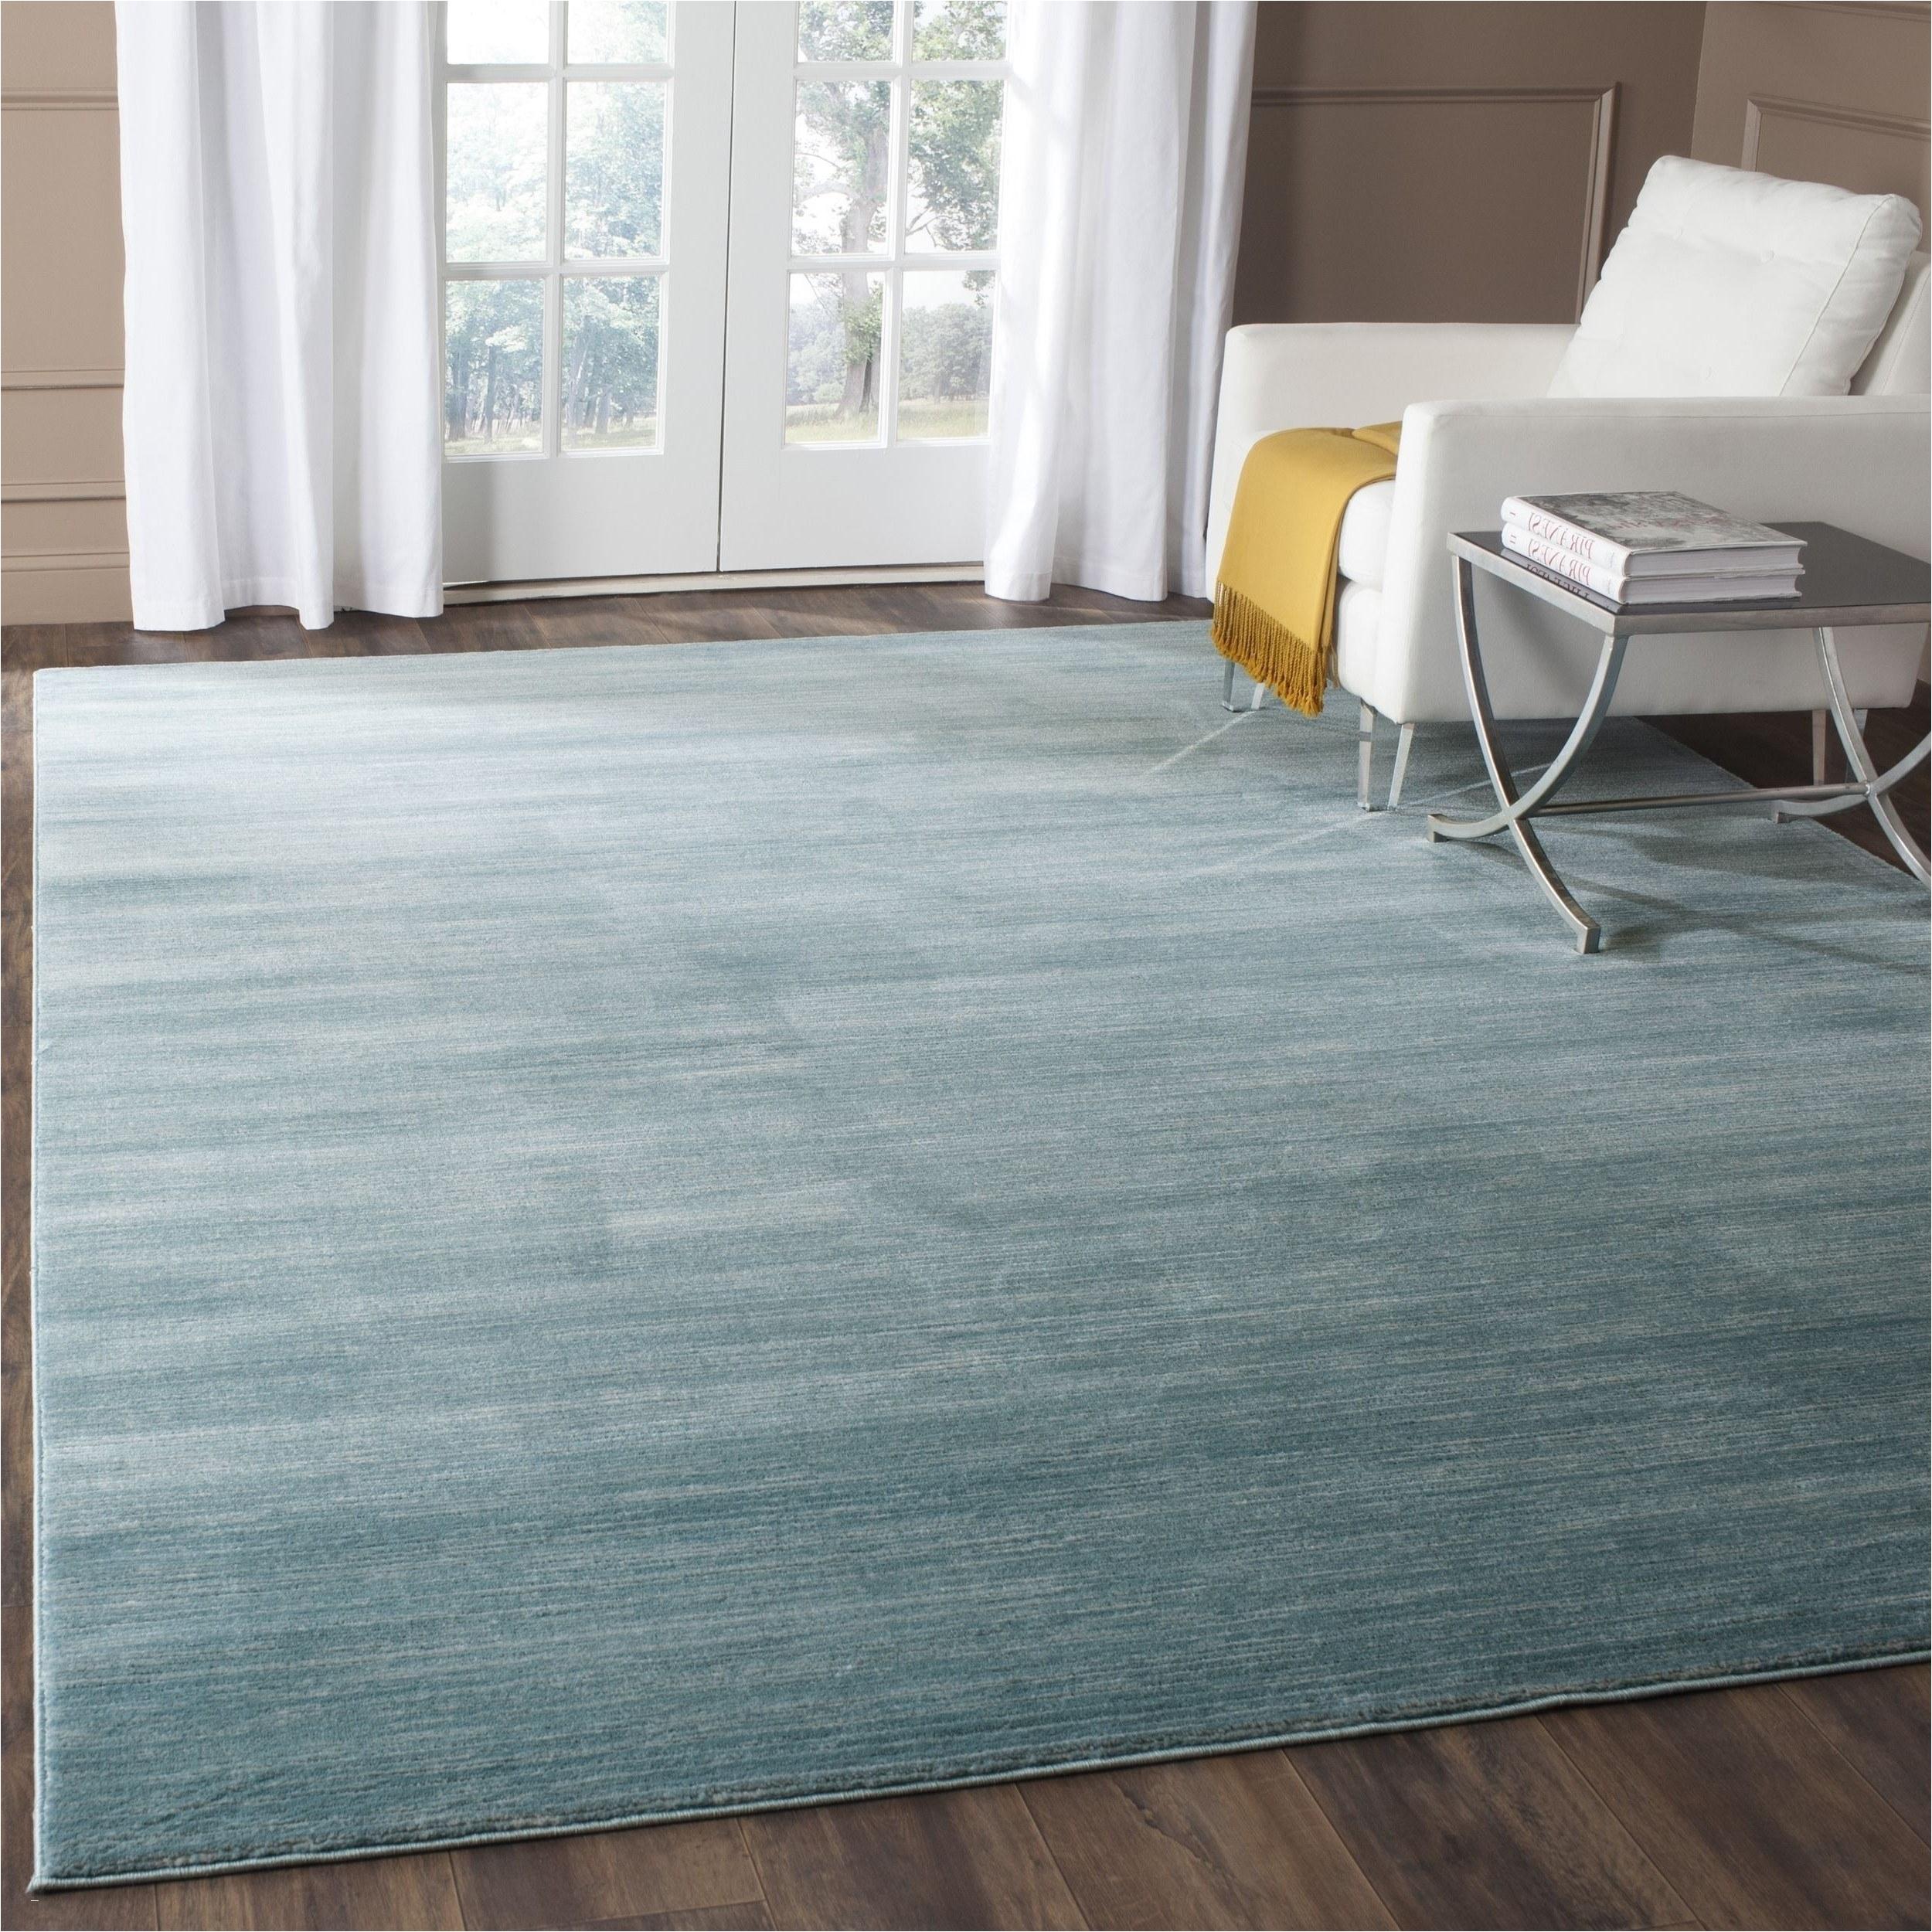 12 x 12 outdoor rug unique new outdoor rug ikea outdoor